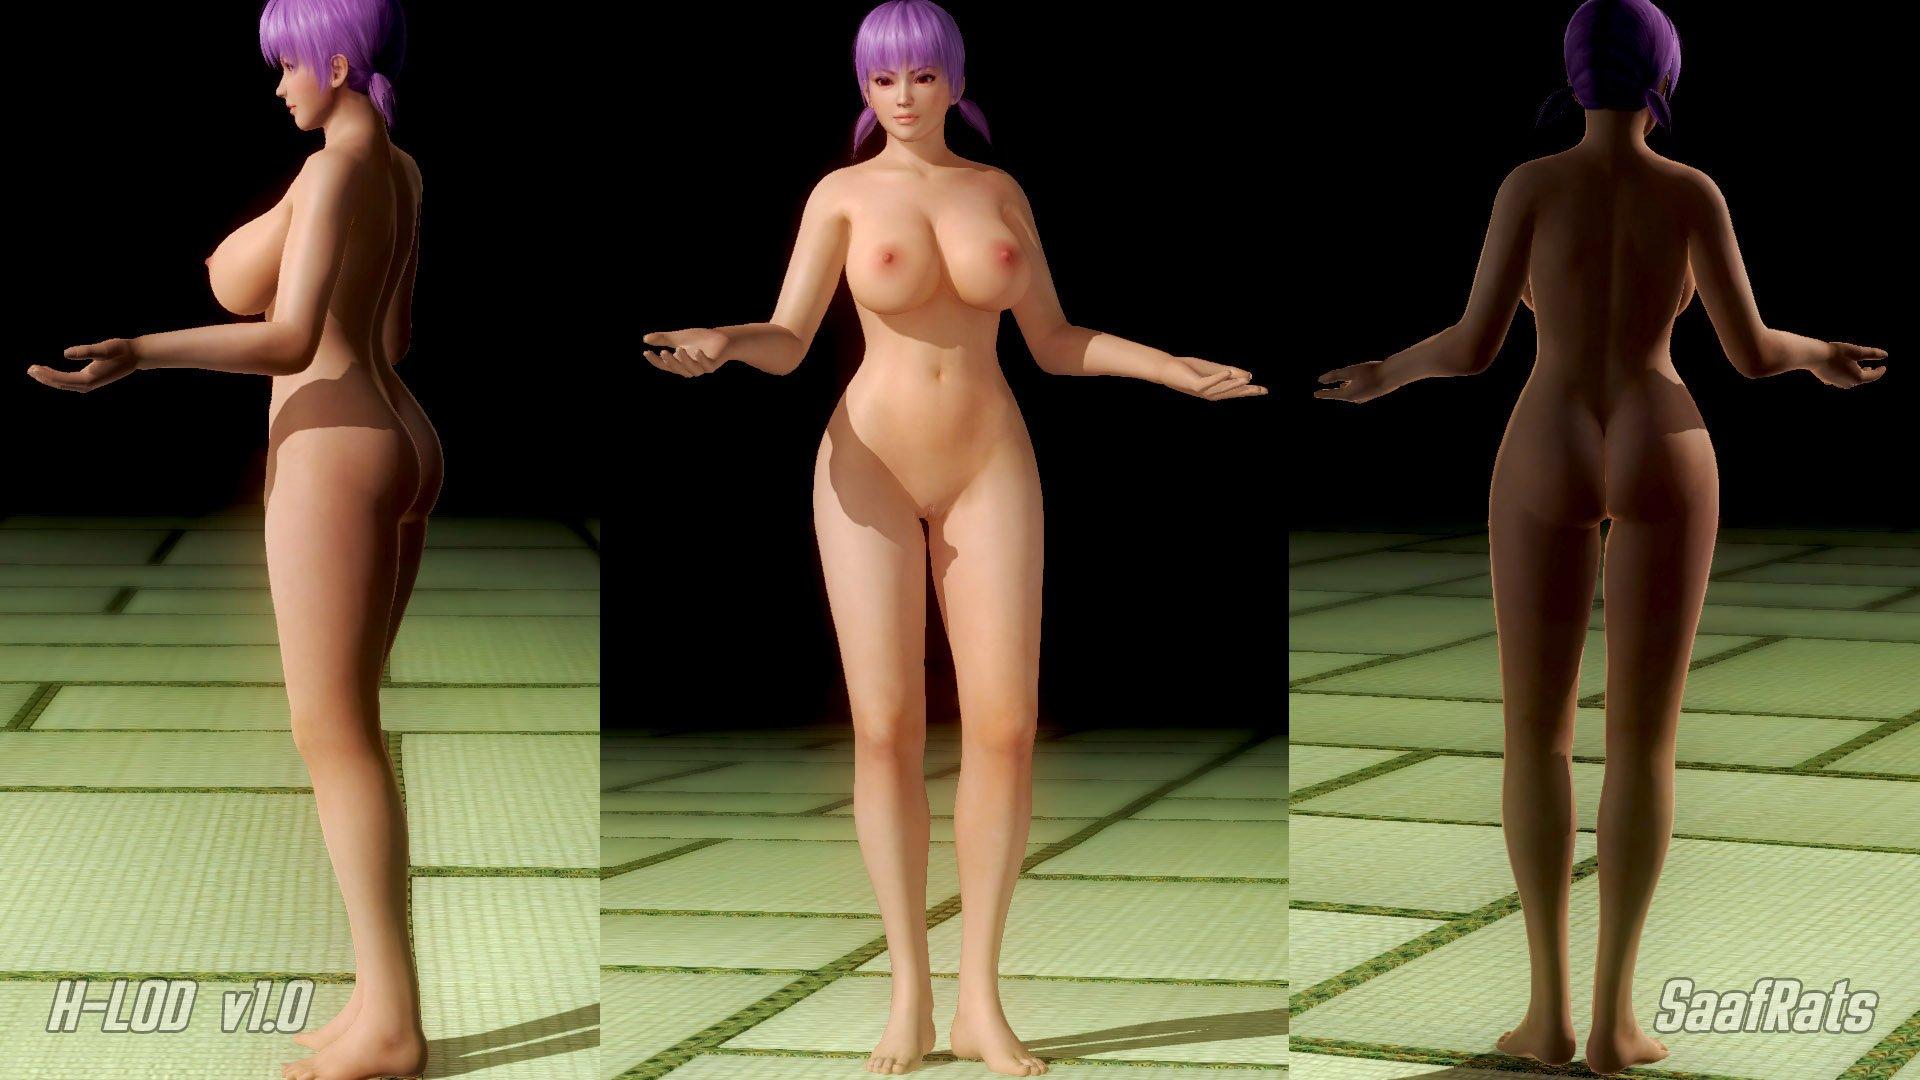 naket-girls-bbs-nude-mods-old-hardcore